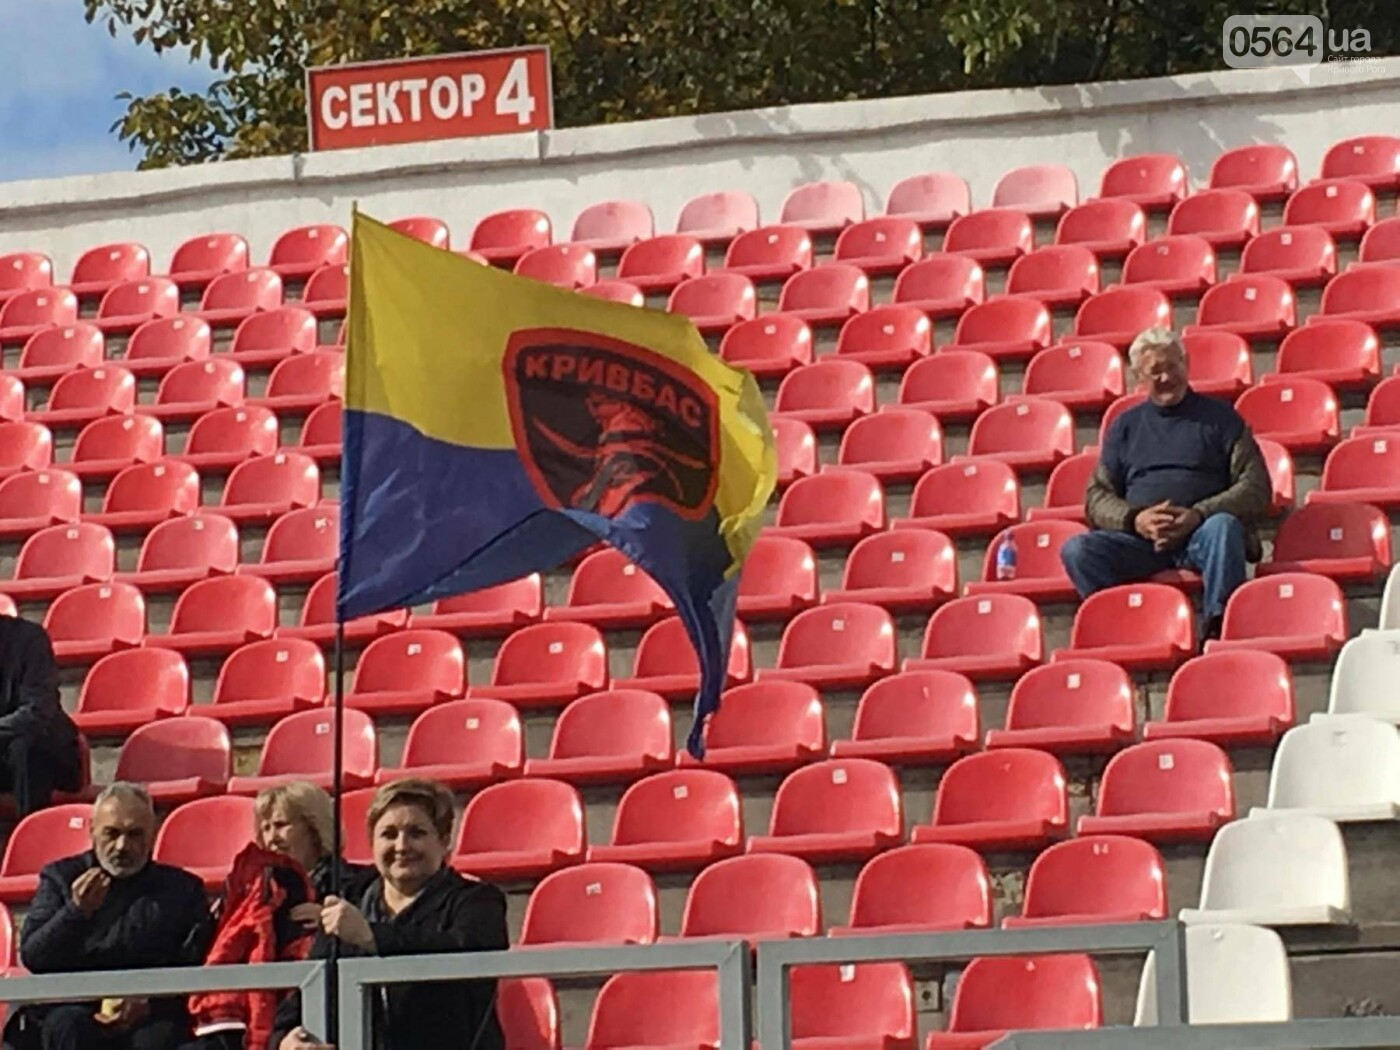 Криворожане пришли на футбольный матч чтобы поддержать бойцов АТО (ФОТО, ВИДЕО), фото-11